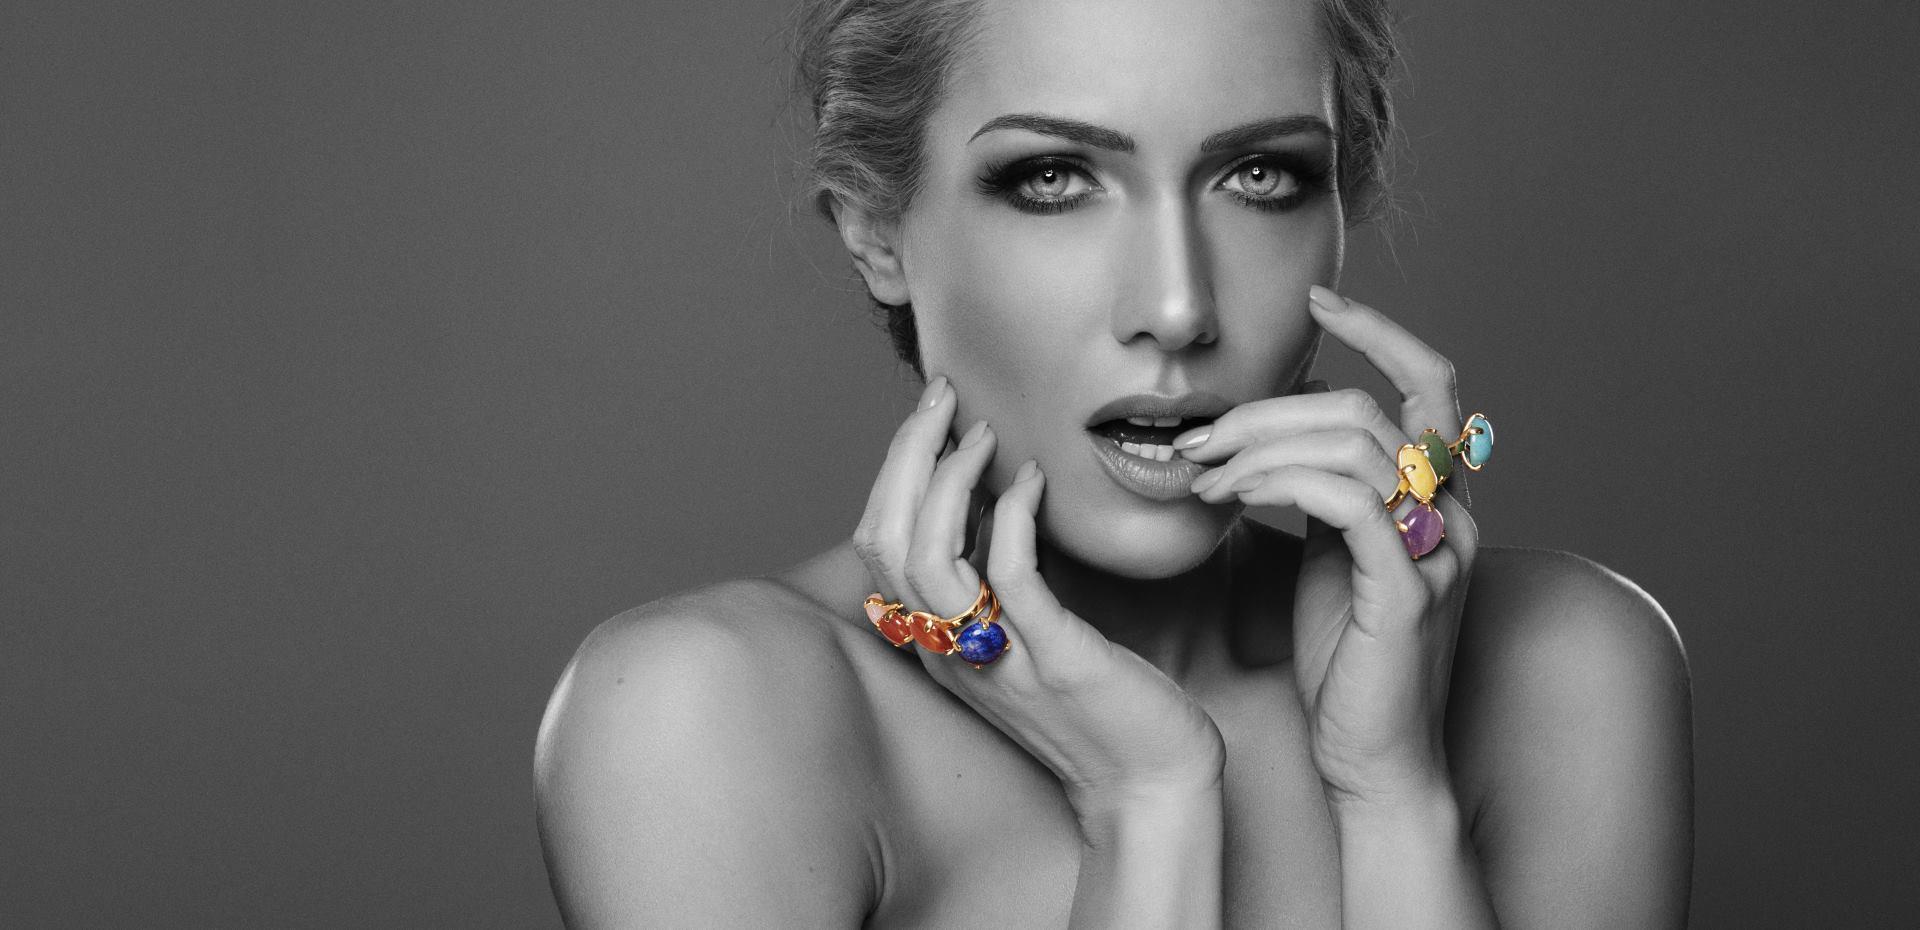 FOTO: Ivana Mišerić potpuno ženstvena u novoj liniji ELFS nakita